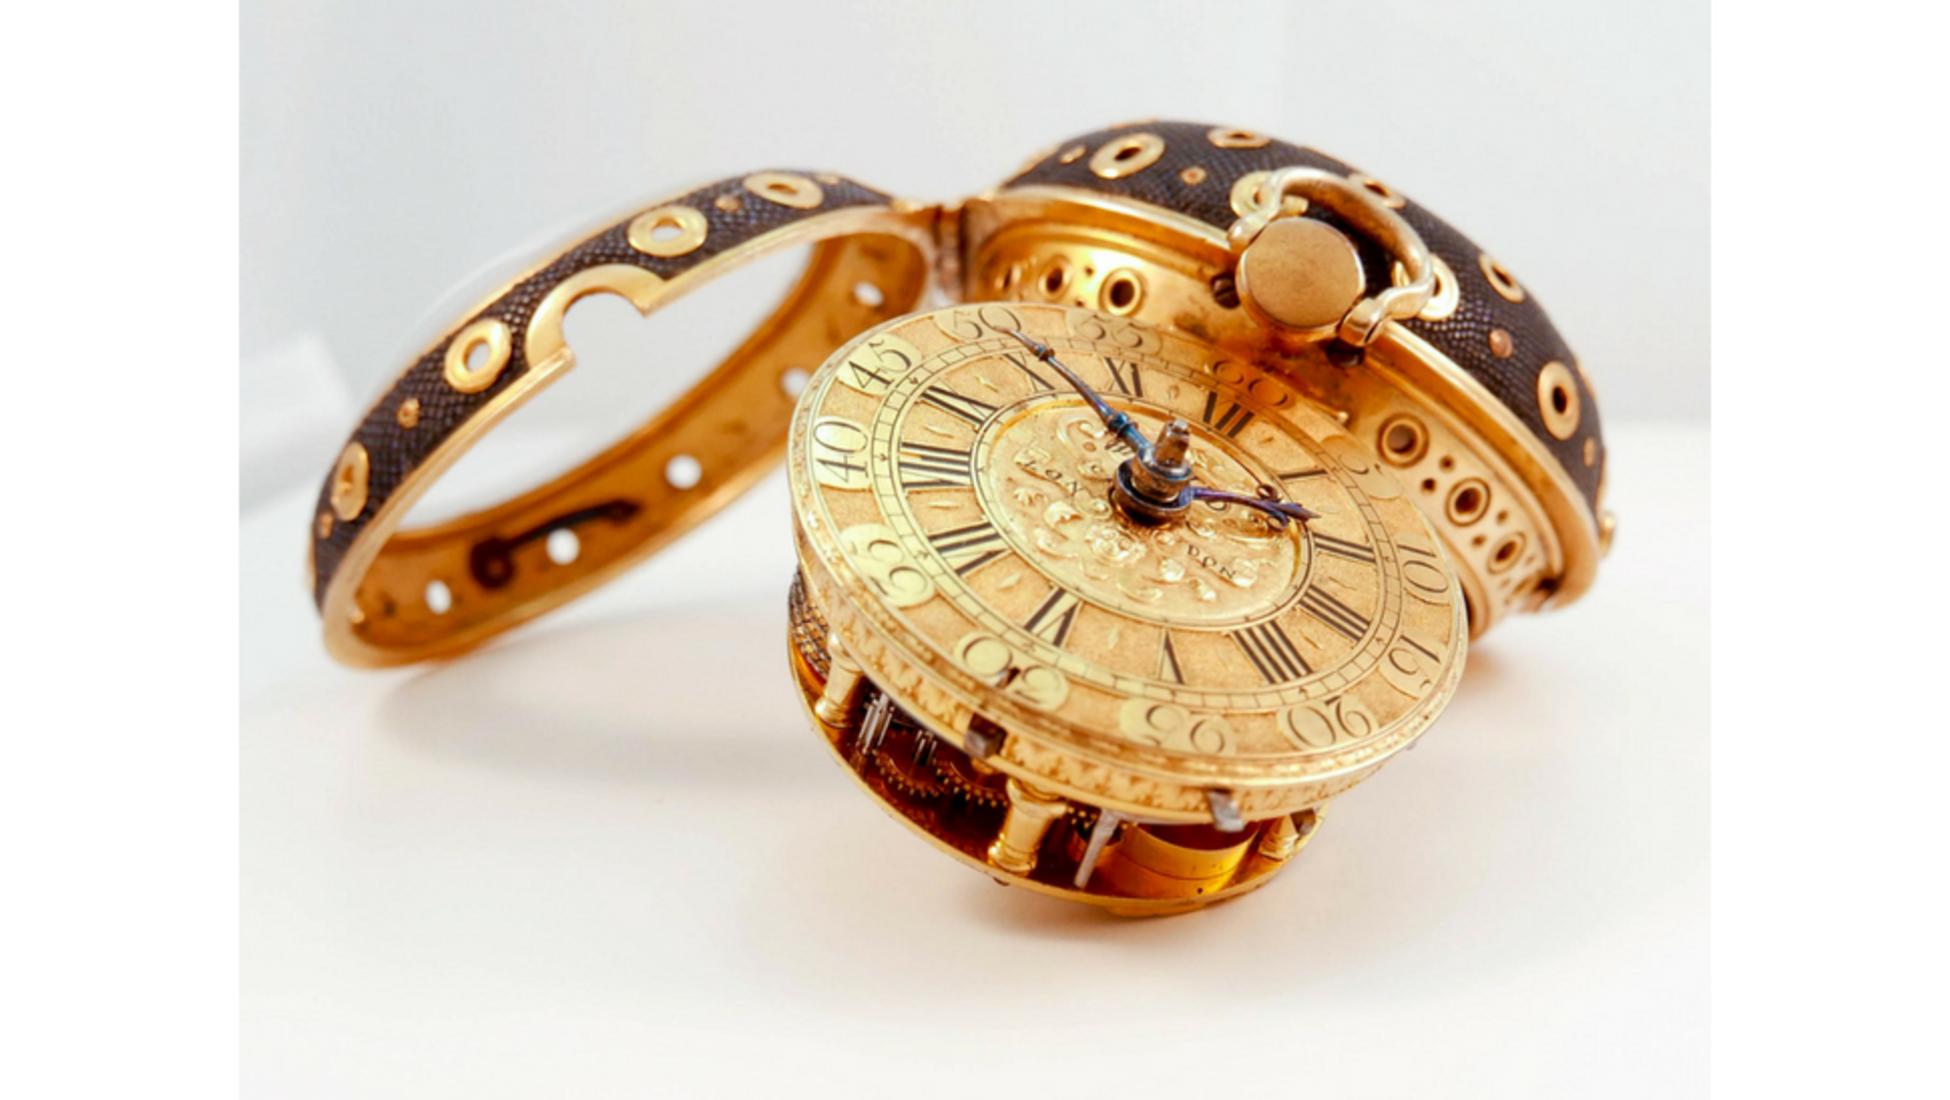 615665accbc Se tem um relógio de bolso fabricado por um destes grandes nomes